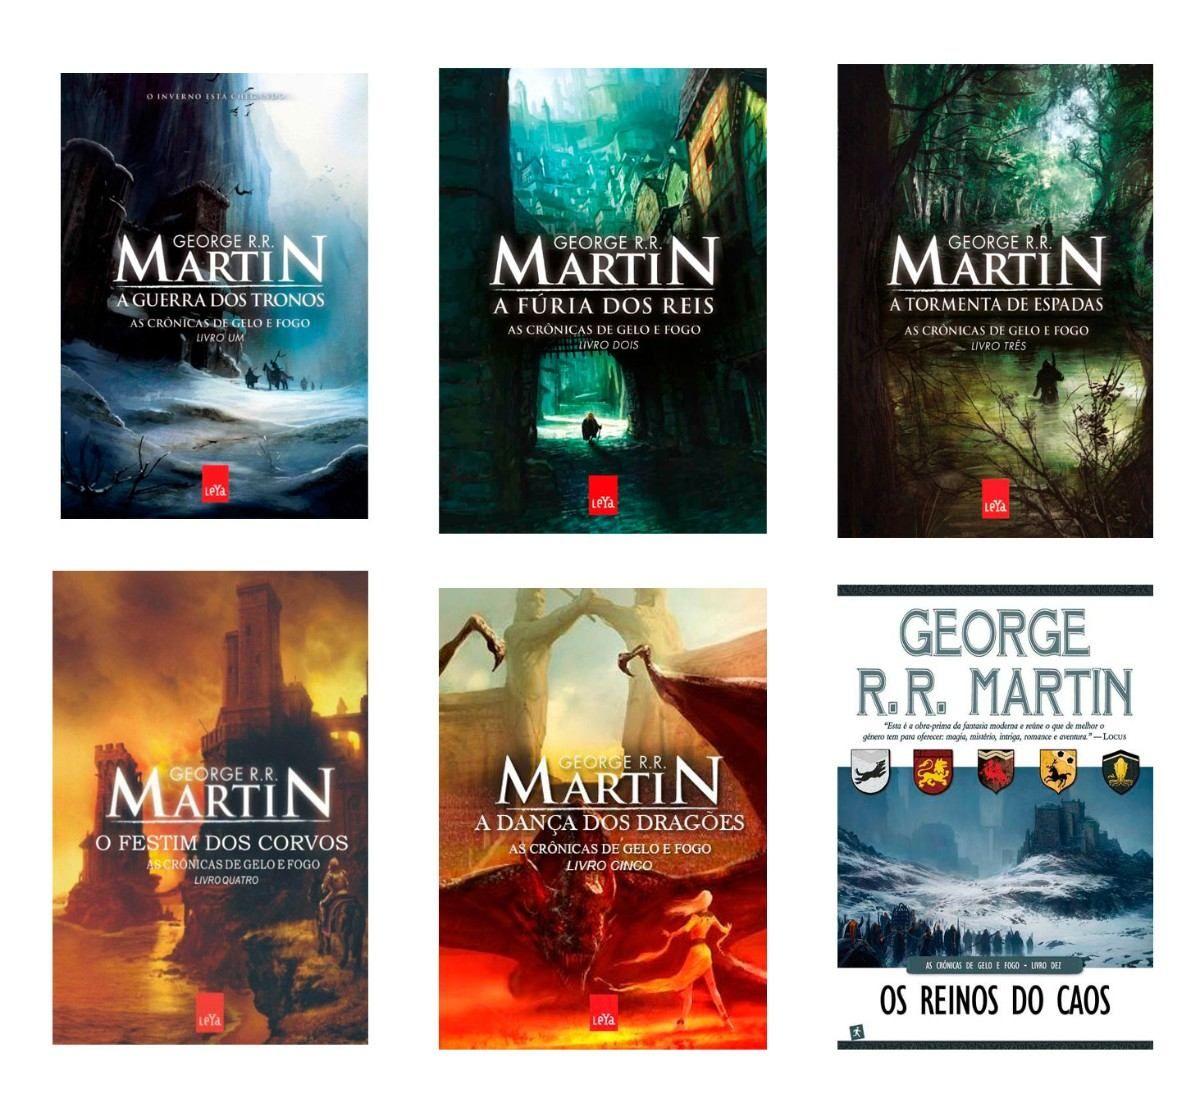 Assunto Sobre Livros Top 5 As Series Mais Lidas Com Imagens